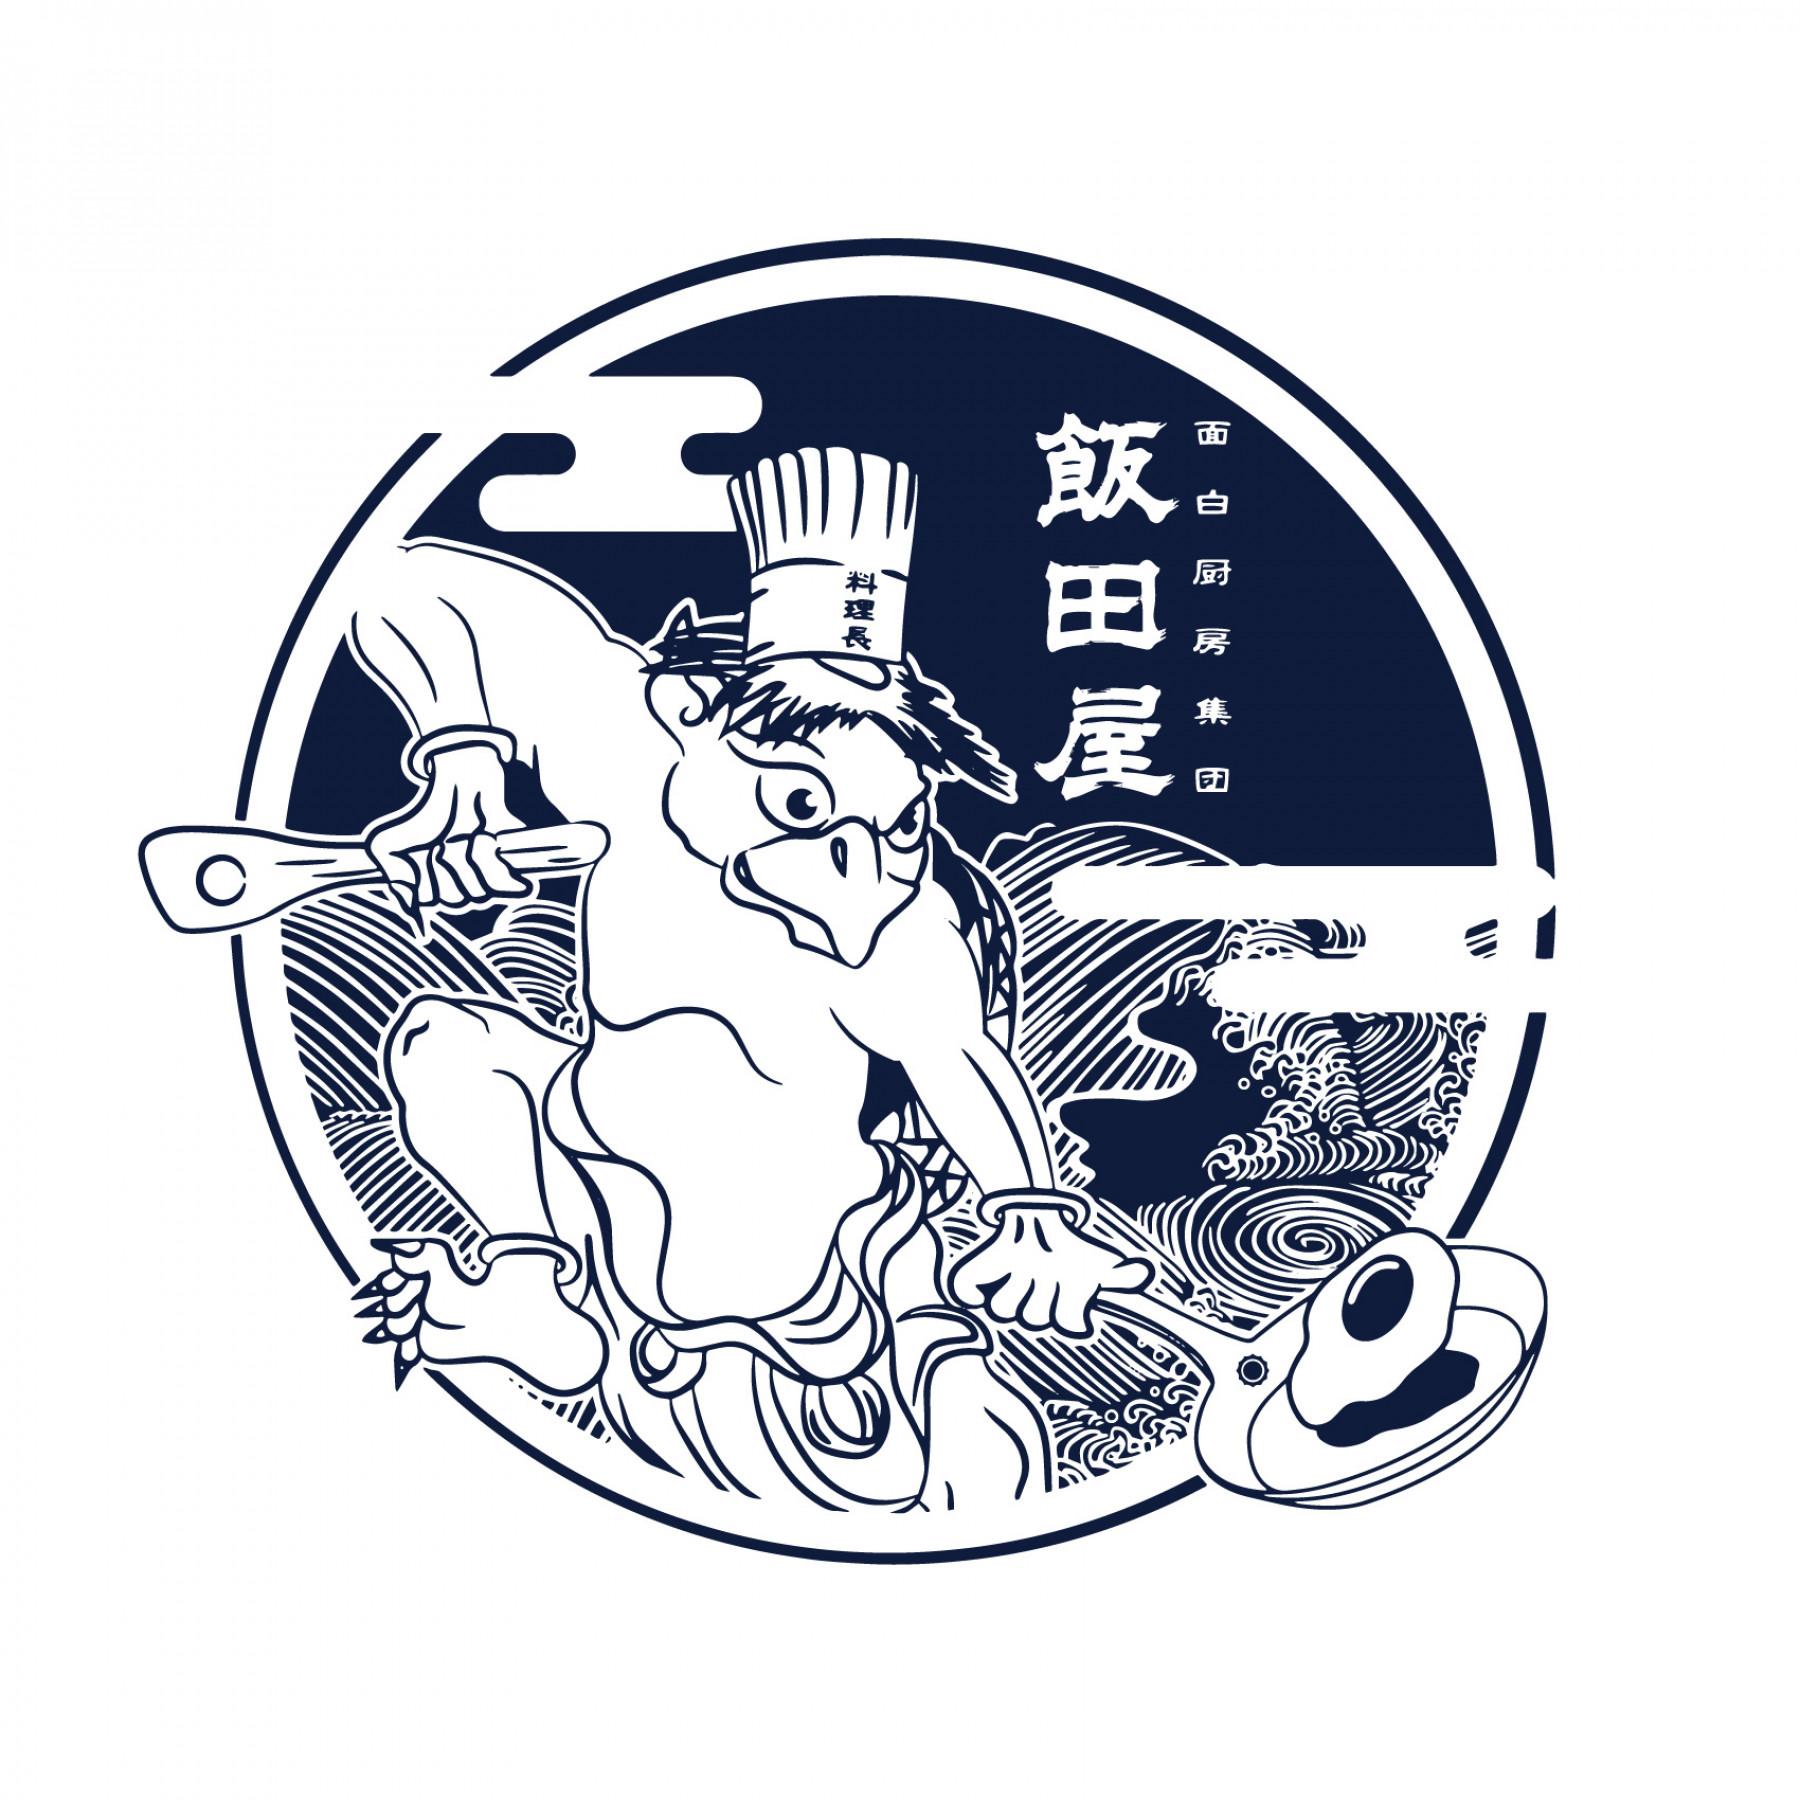 飯田屋-浅草合羽橋道具街の超料理道具専門店